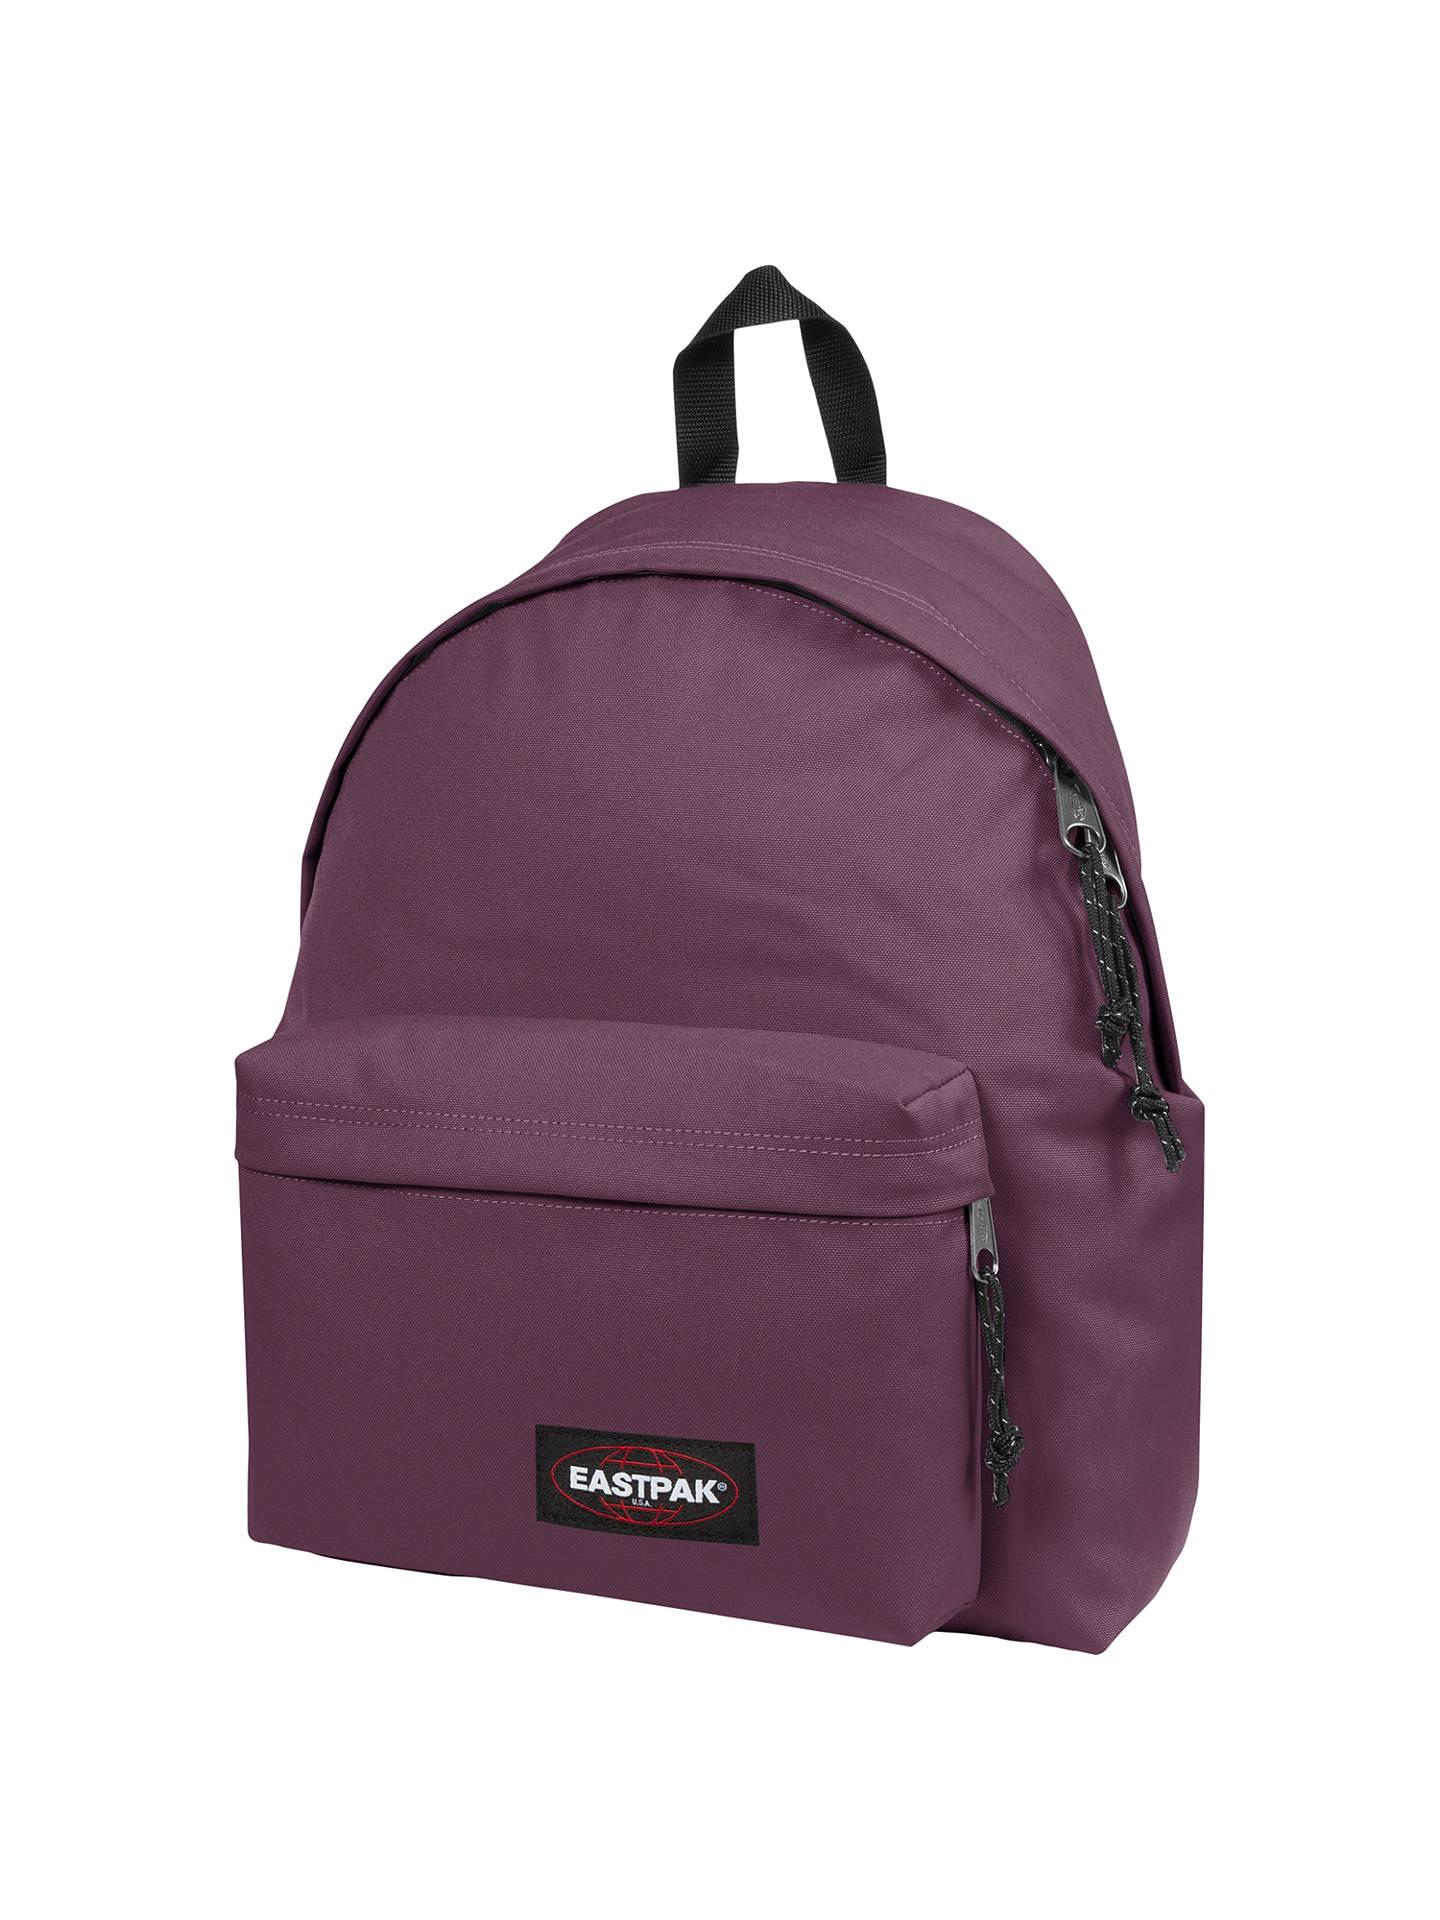 194826a8ef84c4 Buy Eastpak Padded Pak'R Backpack, Winetasting Red Online at johnlewis.com